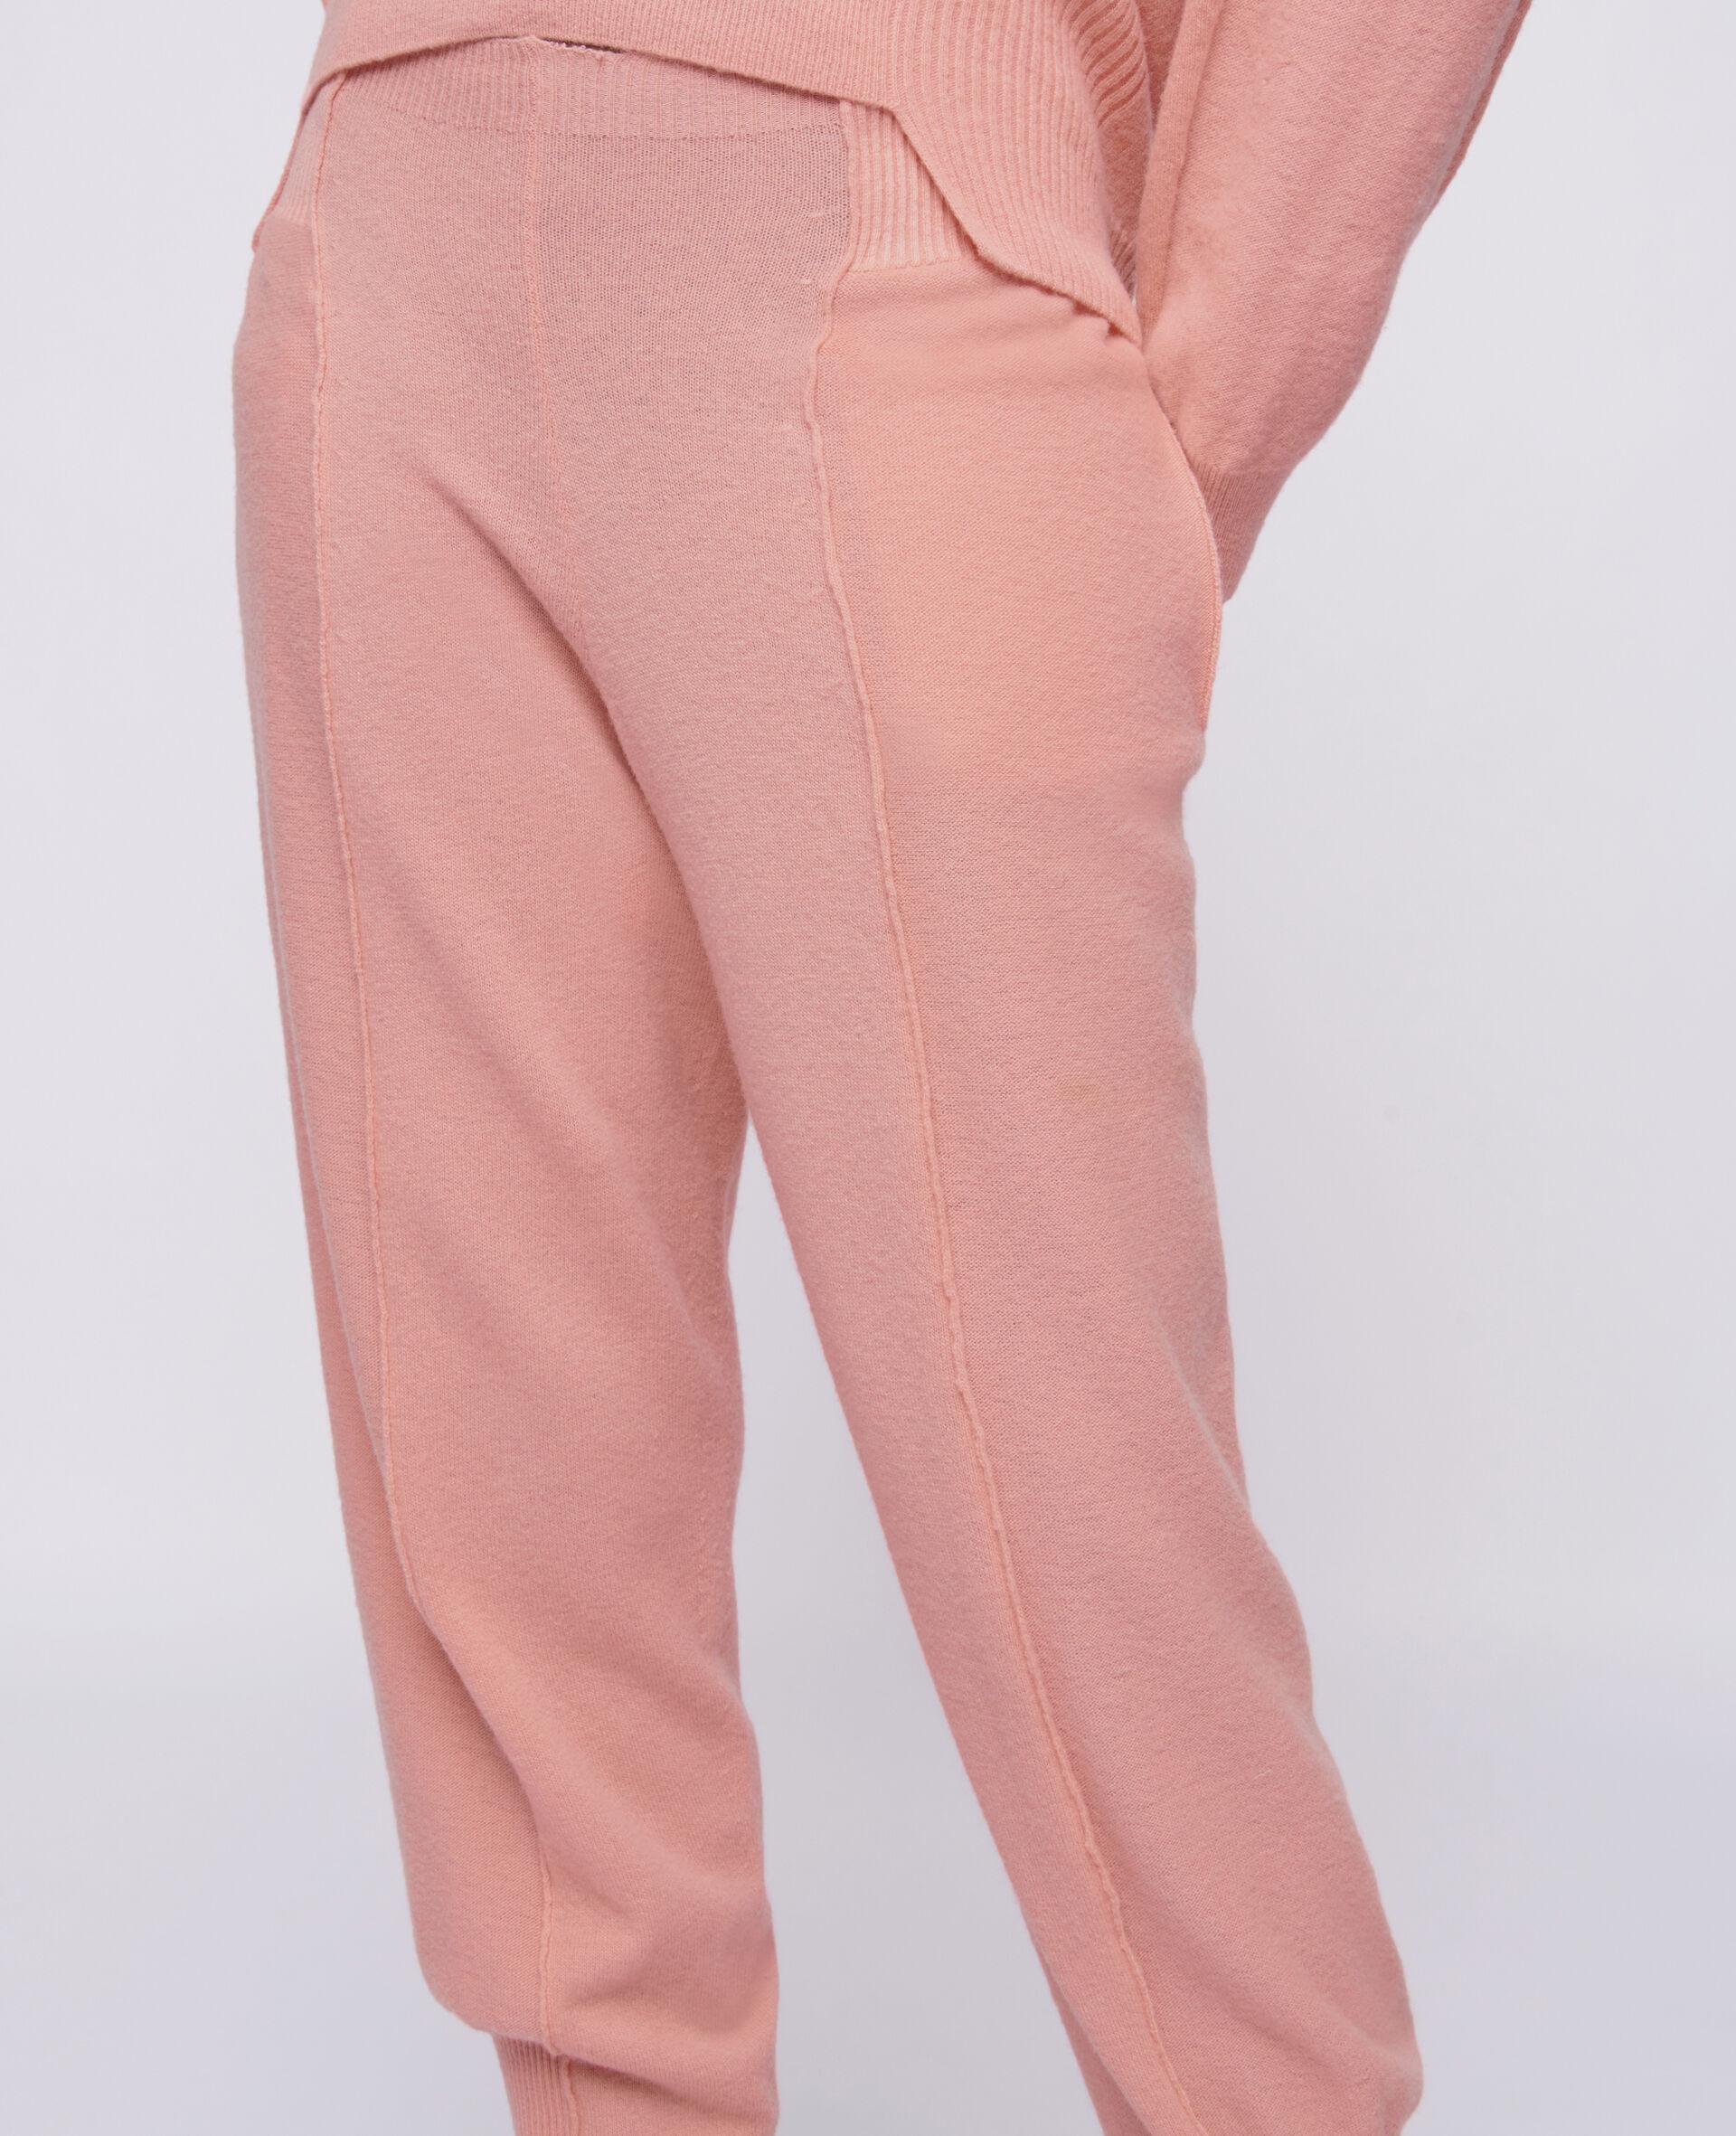 针织裤装 -橙色-large image number 3